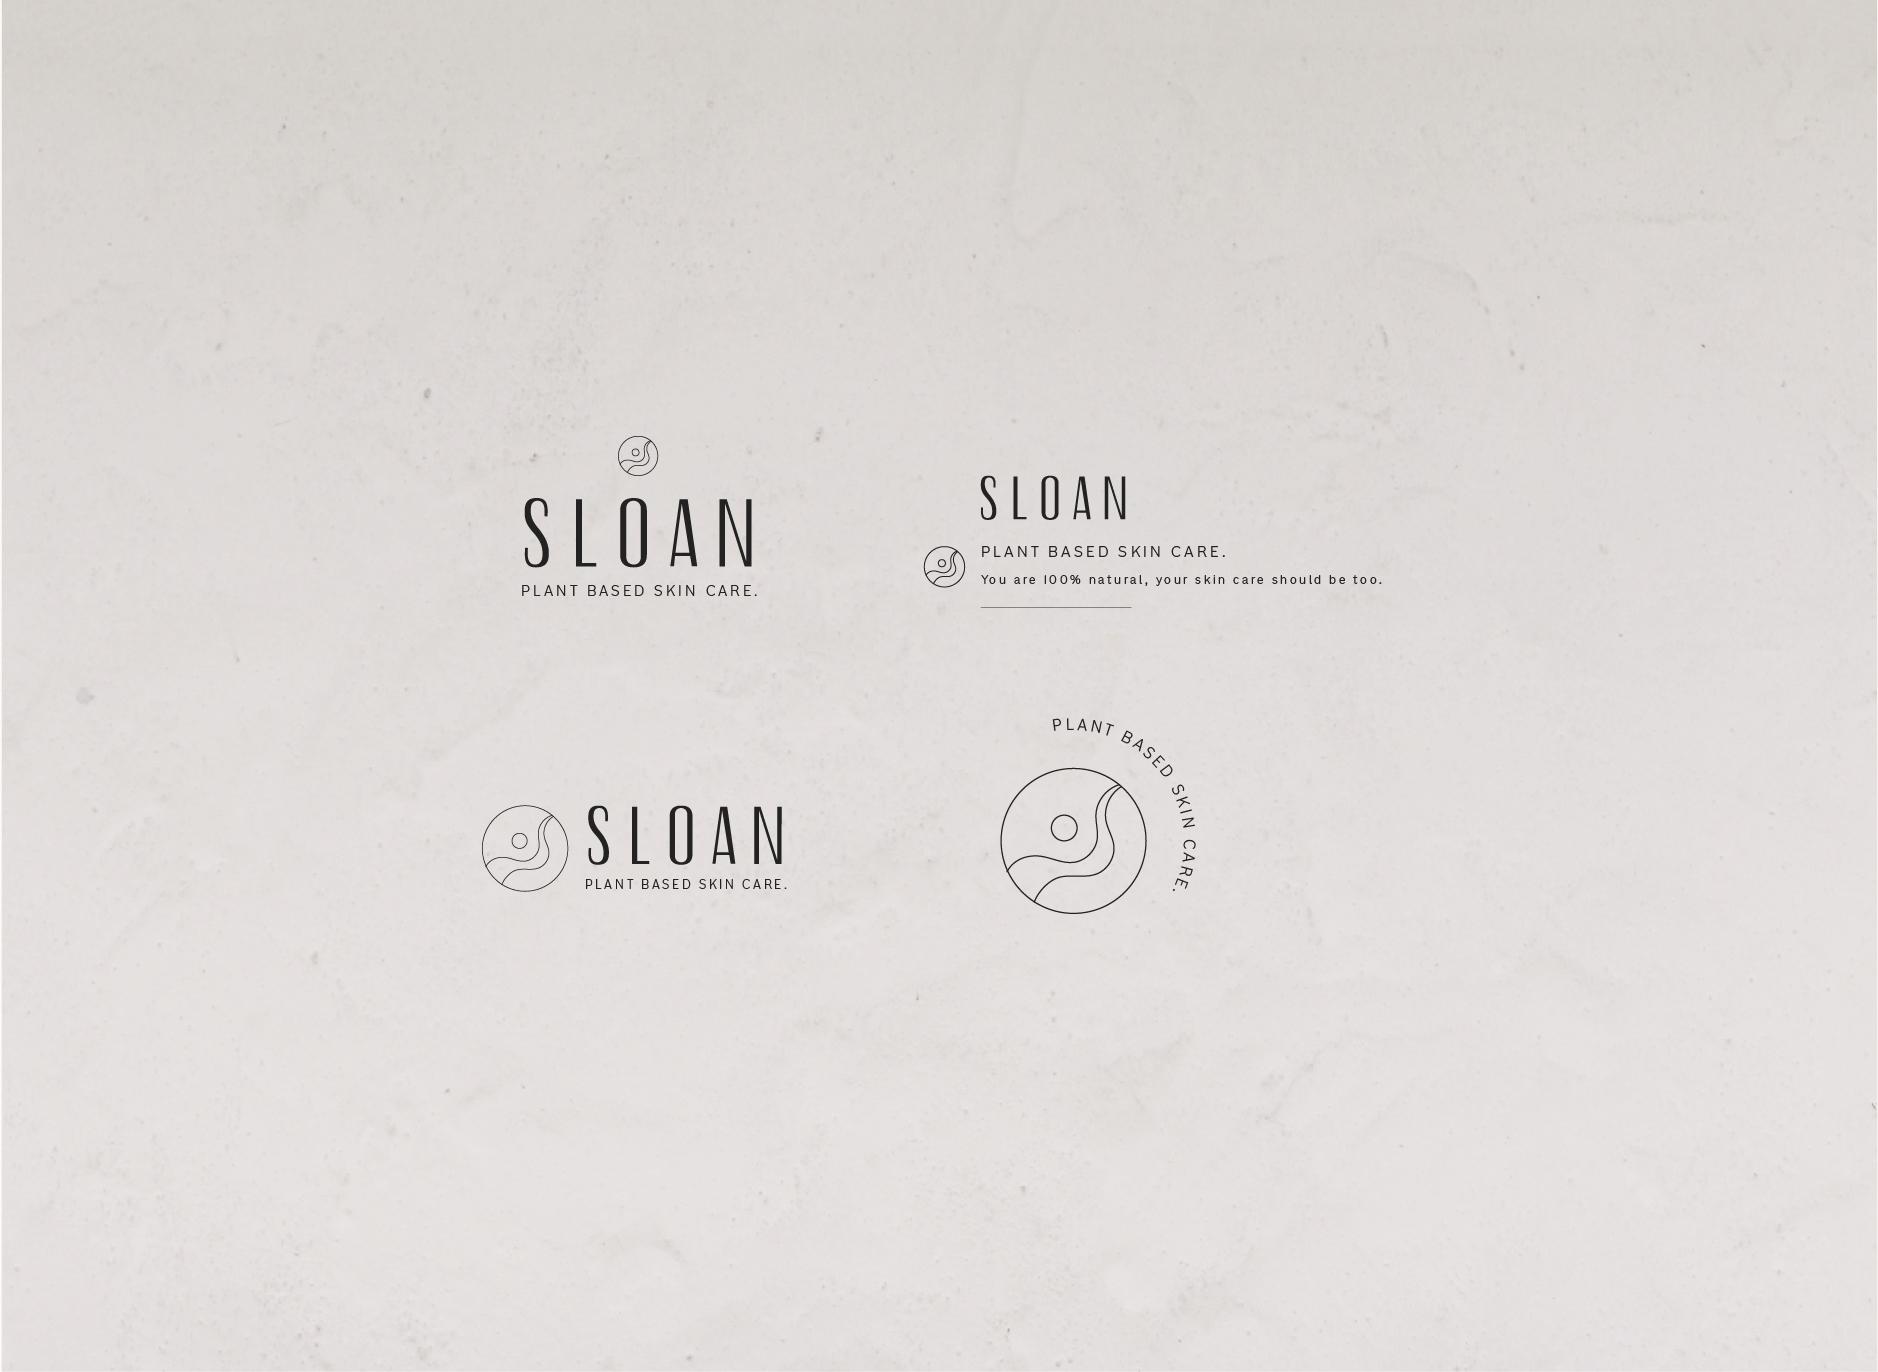 SLOAN1Asset 4.jpg